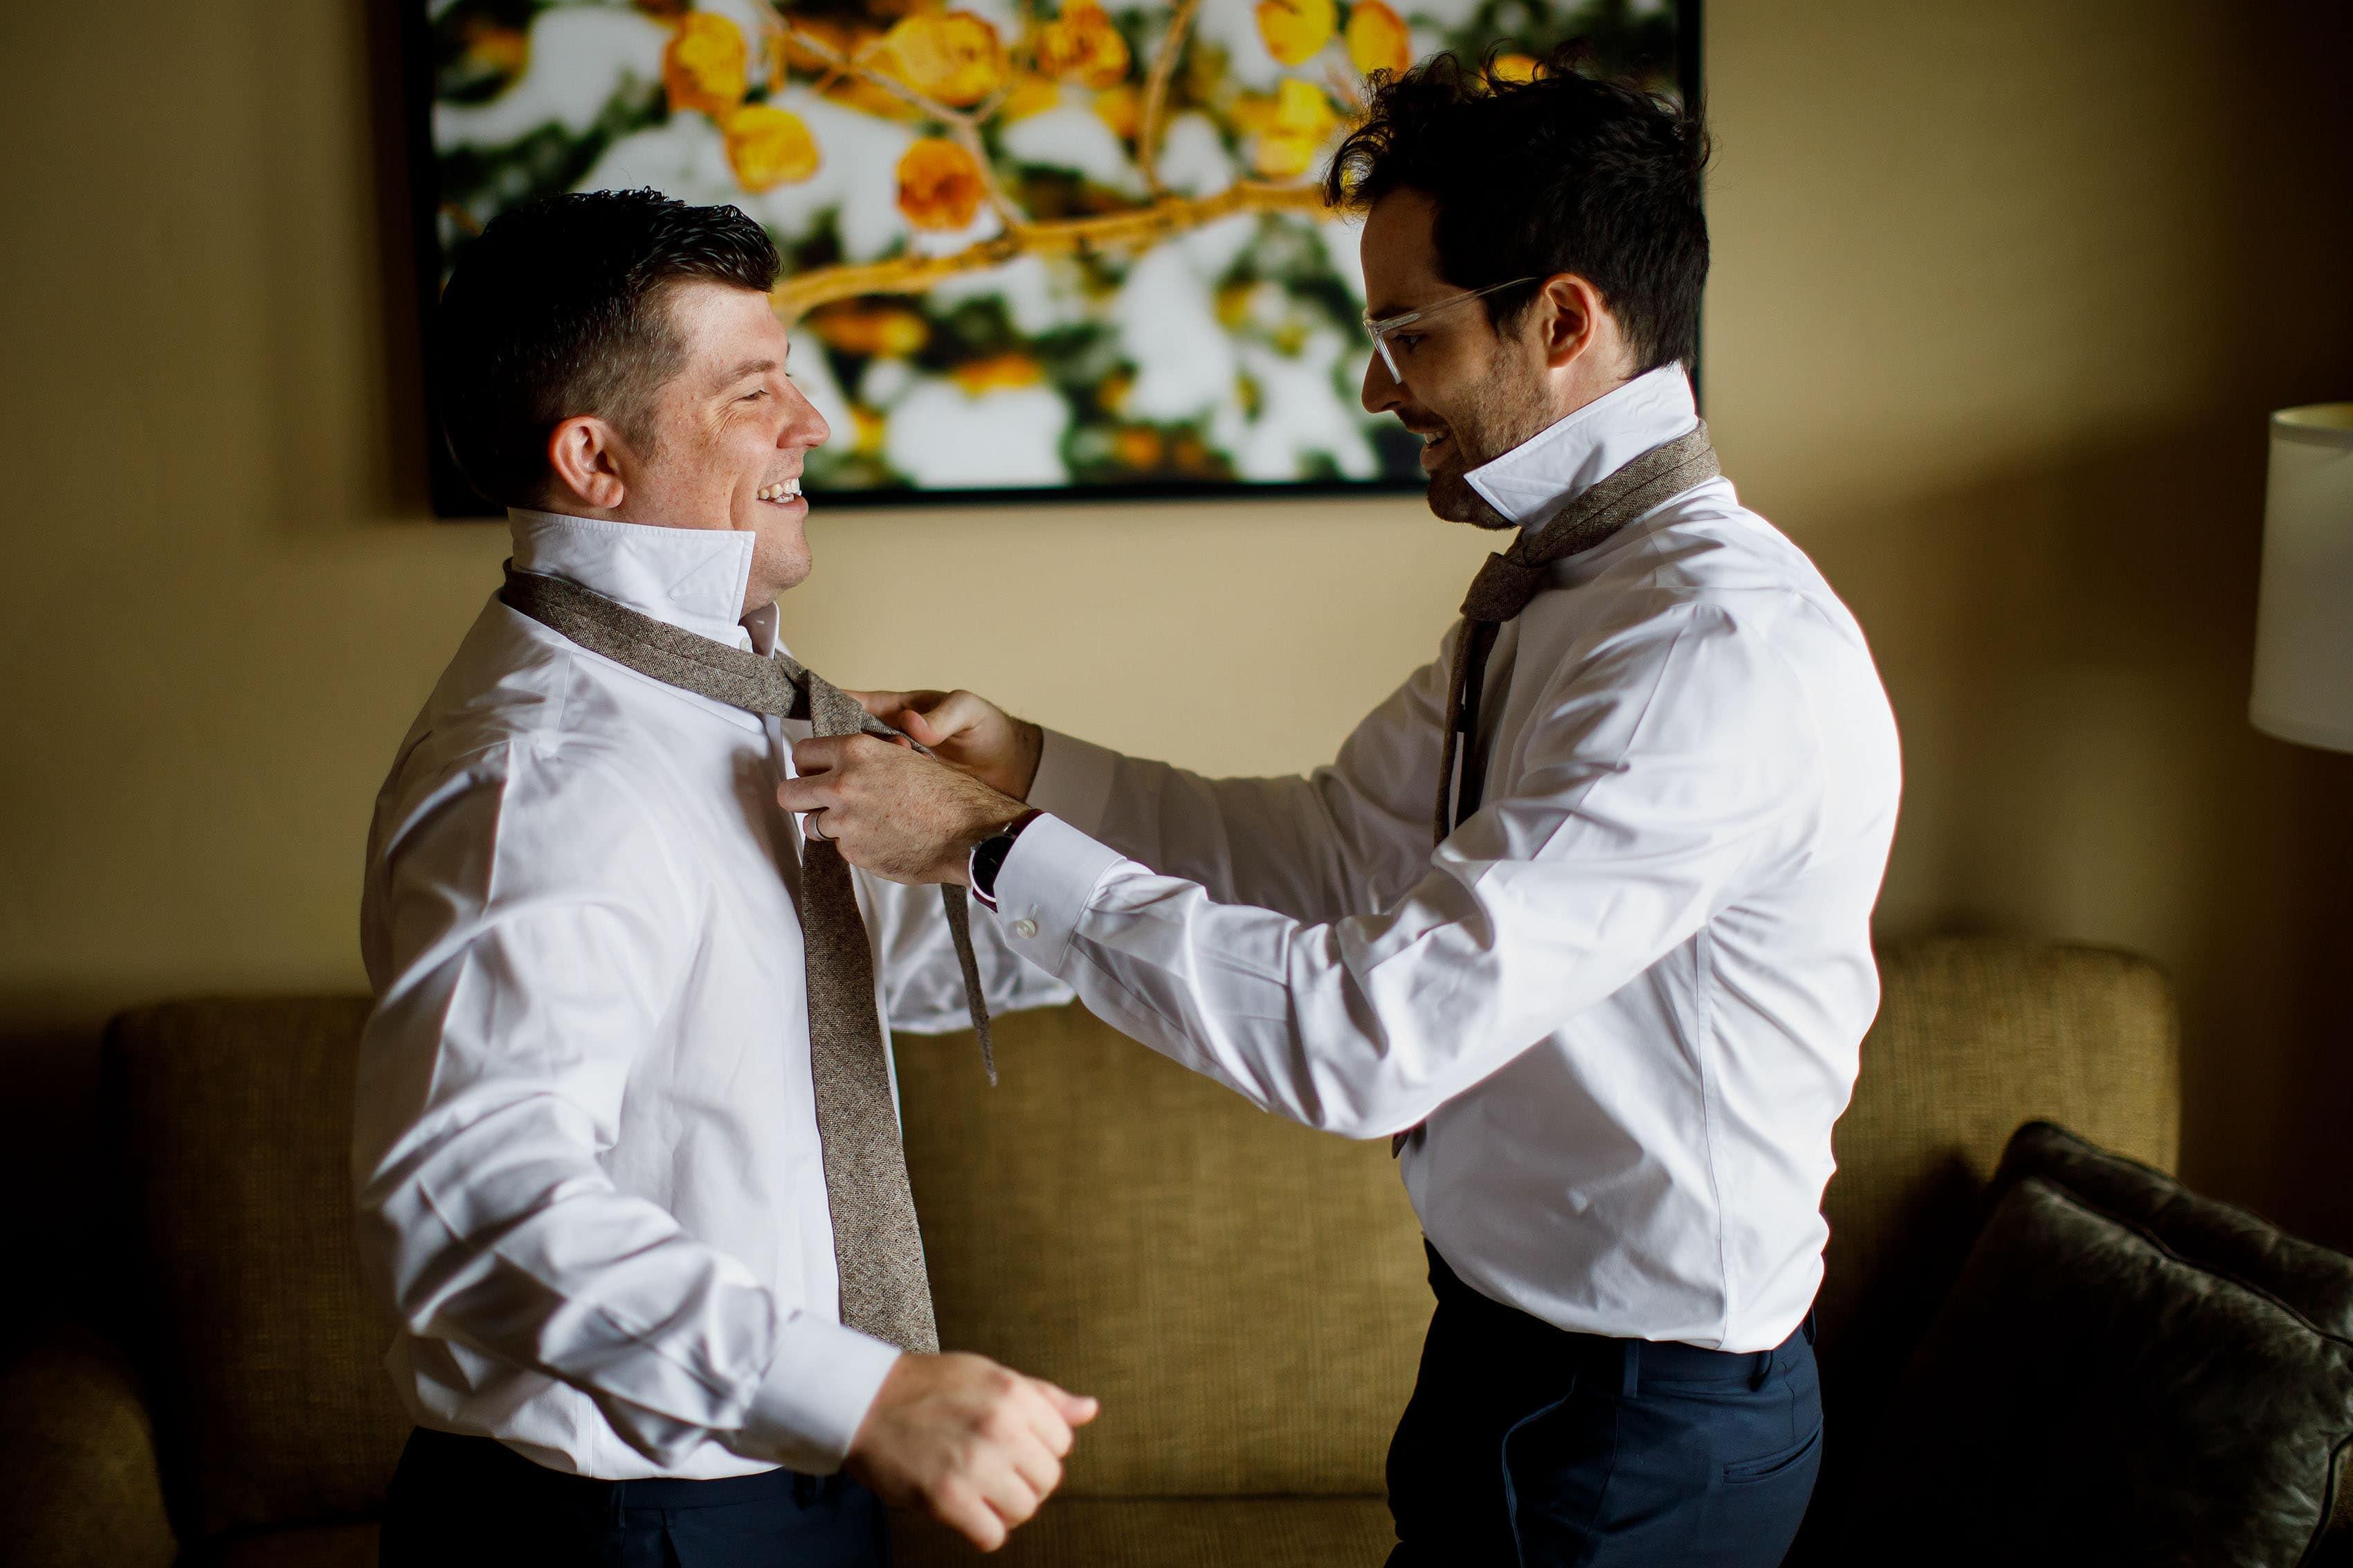 Matt gets help with his tie